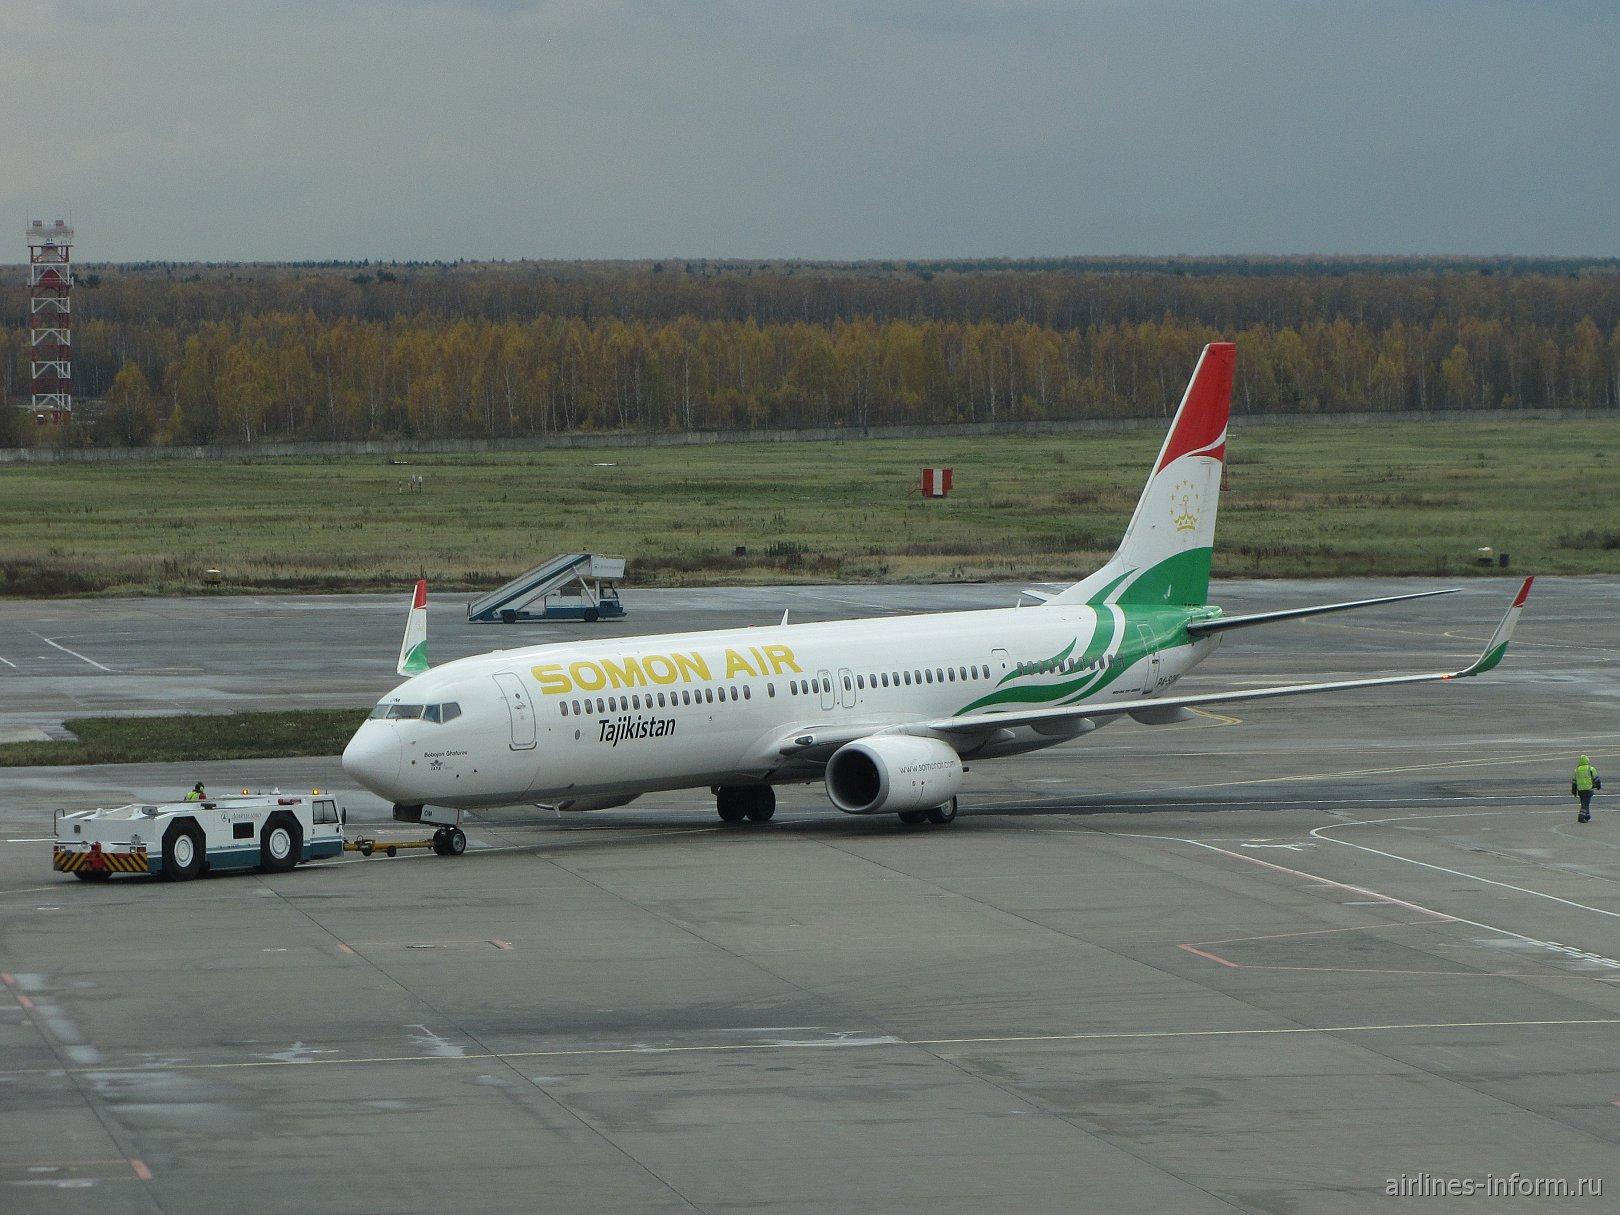 Boeing 737-900 авиакомпании Somon Air в аэропорту Домодедово